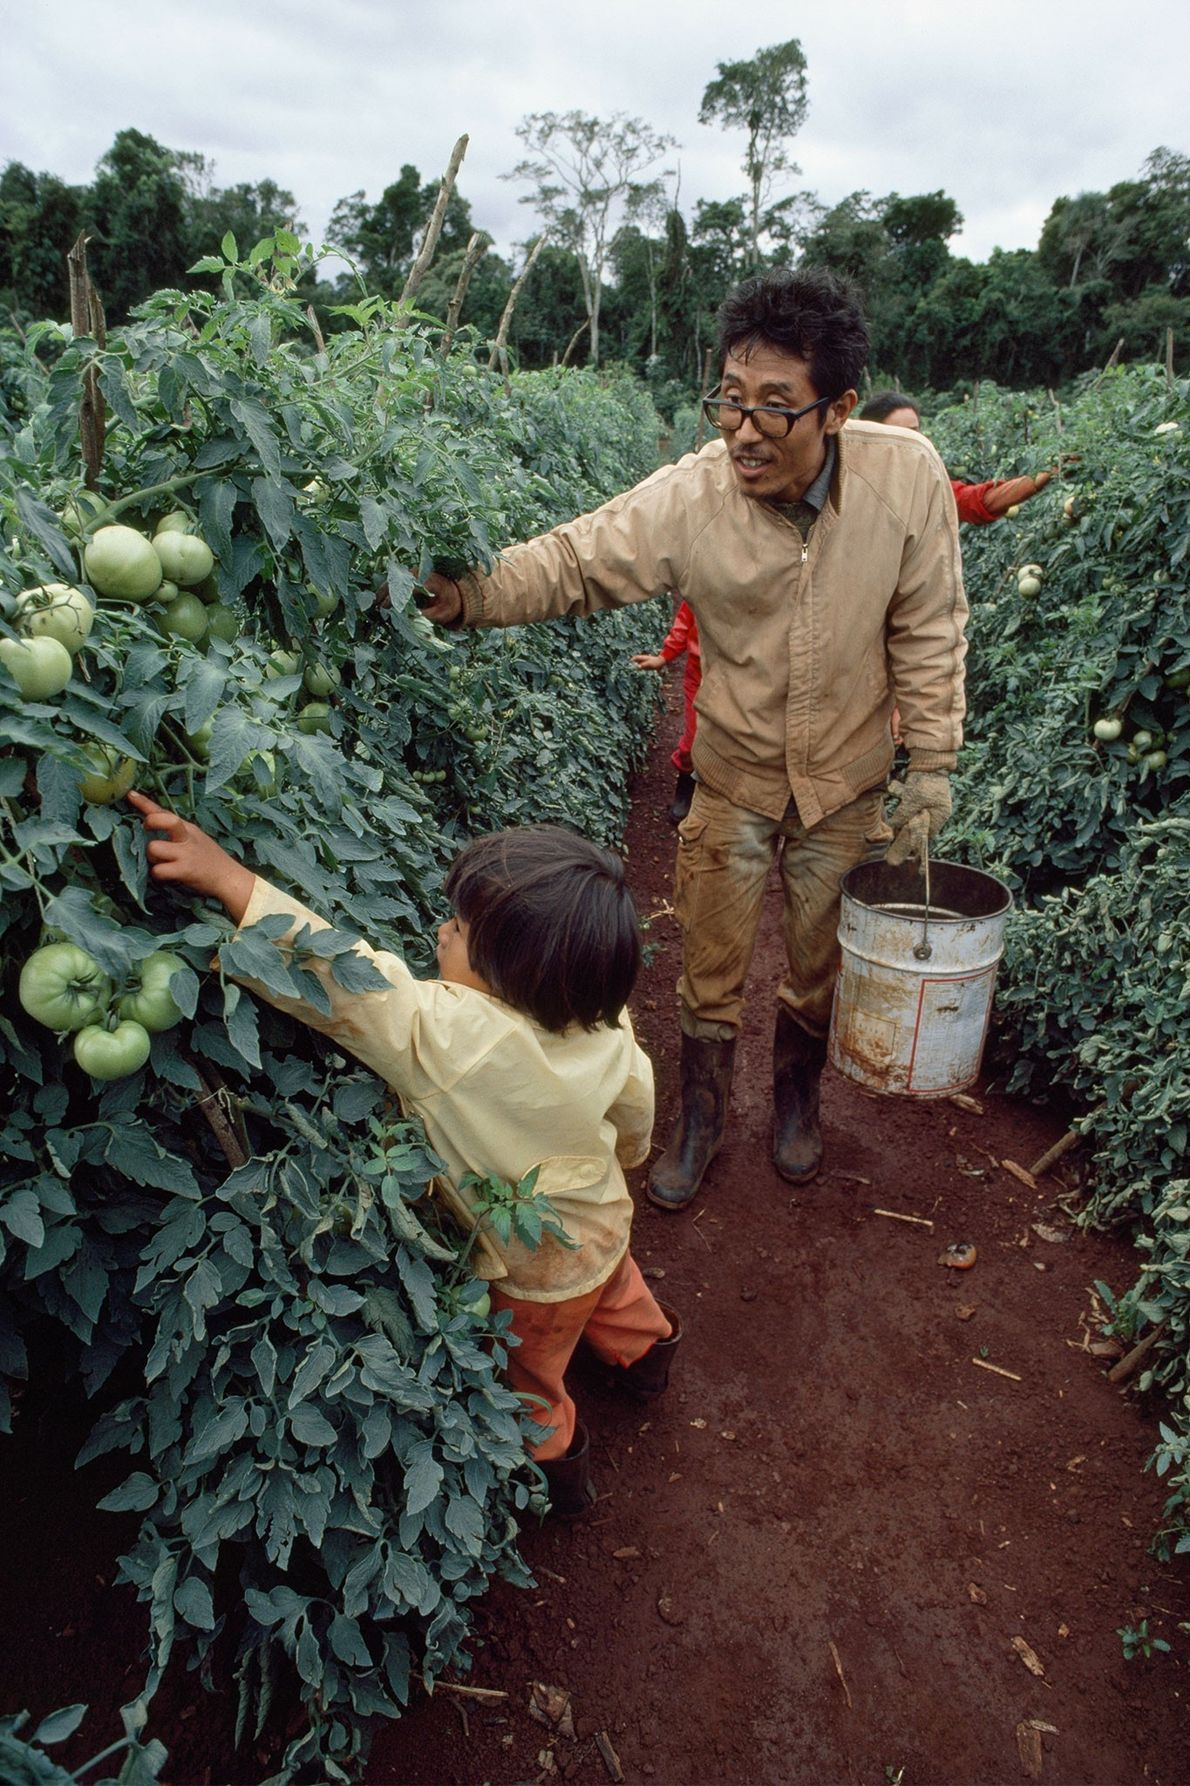 Au Paraguay, dans les années 1980, cet immigré japonais récolte des tomates avec sa fille près ...